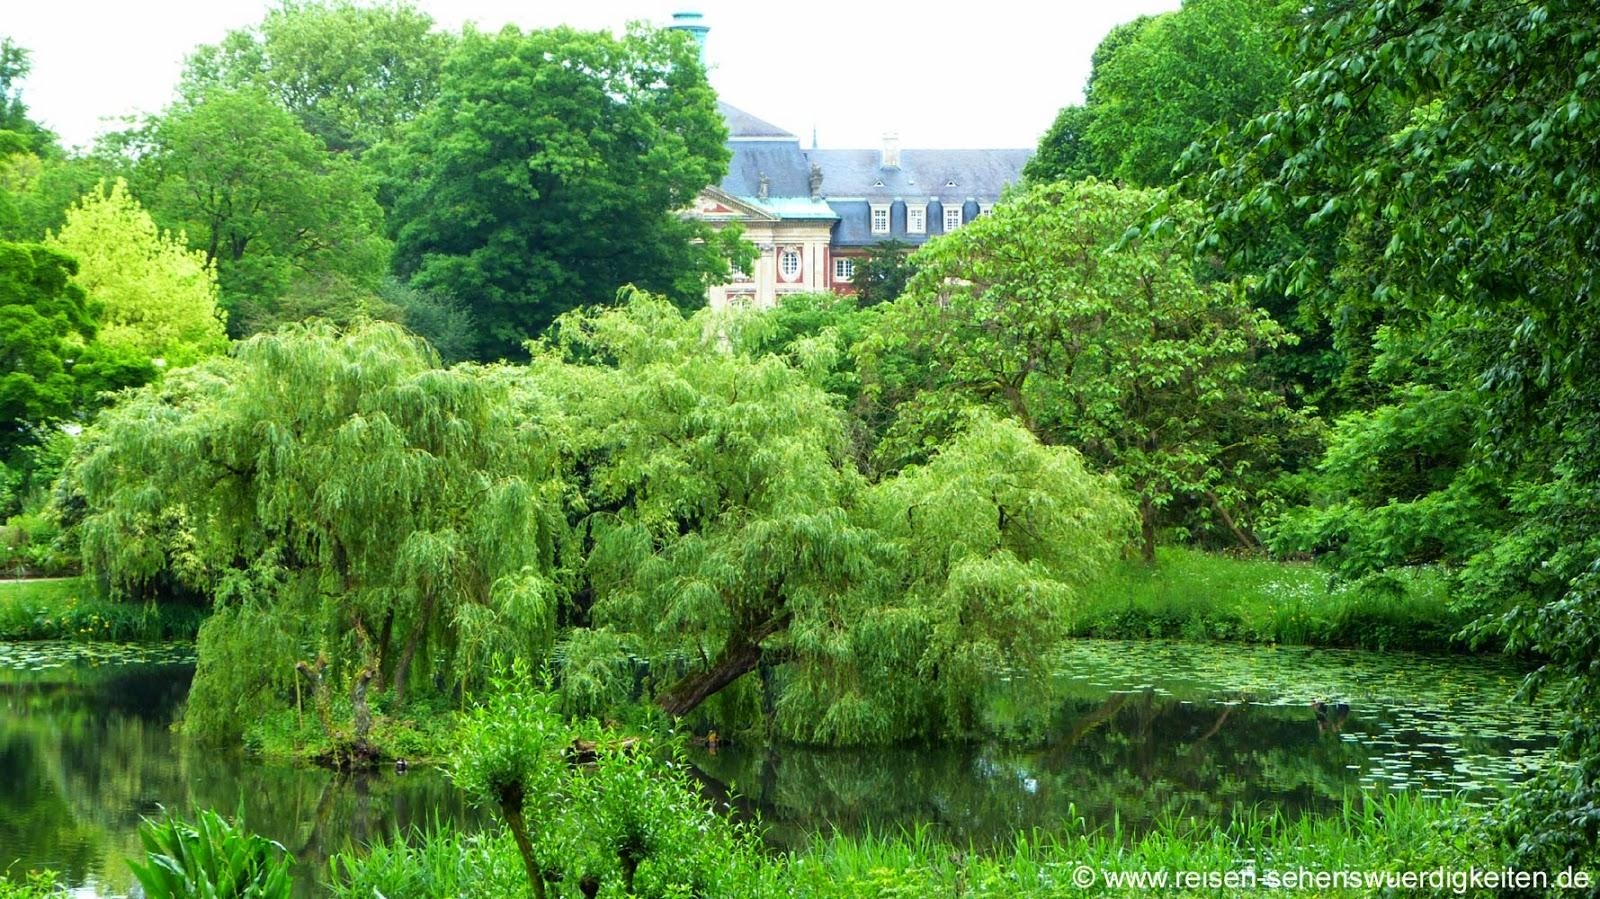 Blick aus dem Botanischen Garten auf das Schloss